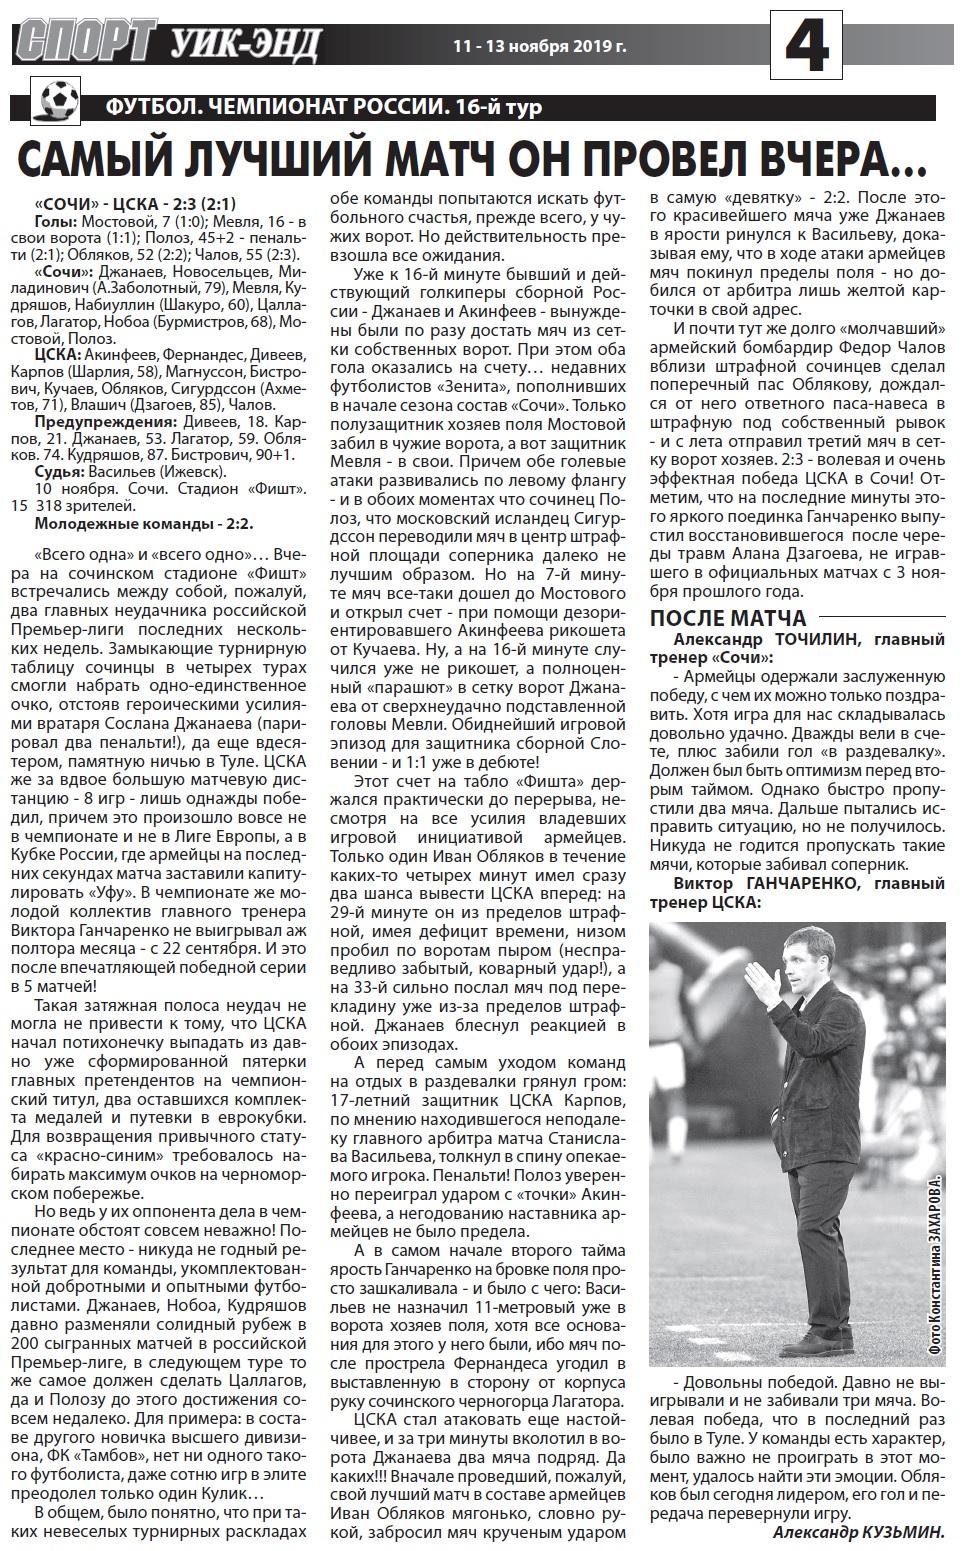 Сочи (Сочи) - ЦСКА (Москва) 2:3. Нажмите, чтобы посмотреть истинный размер рисунка